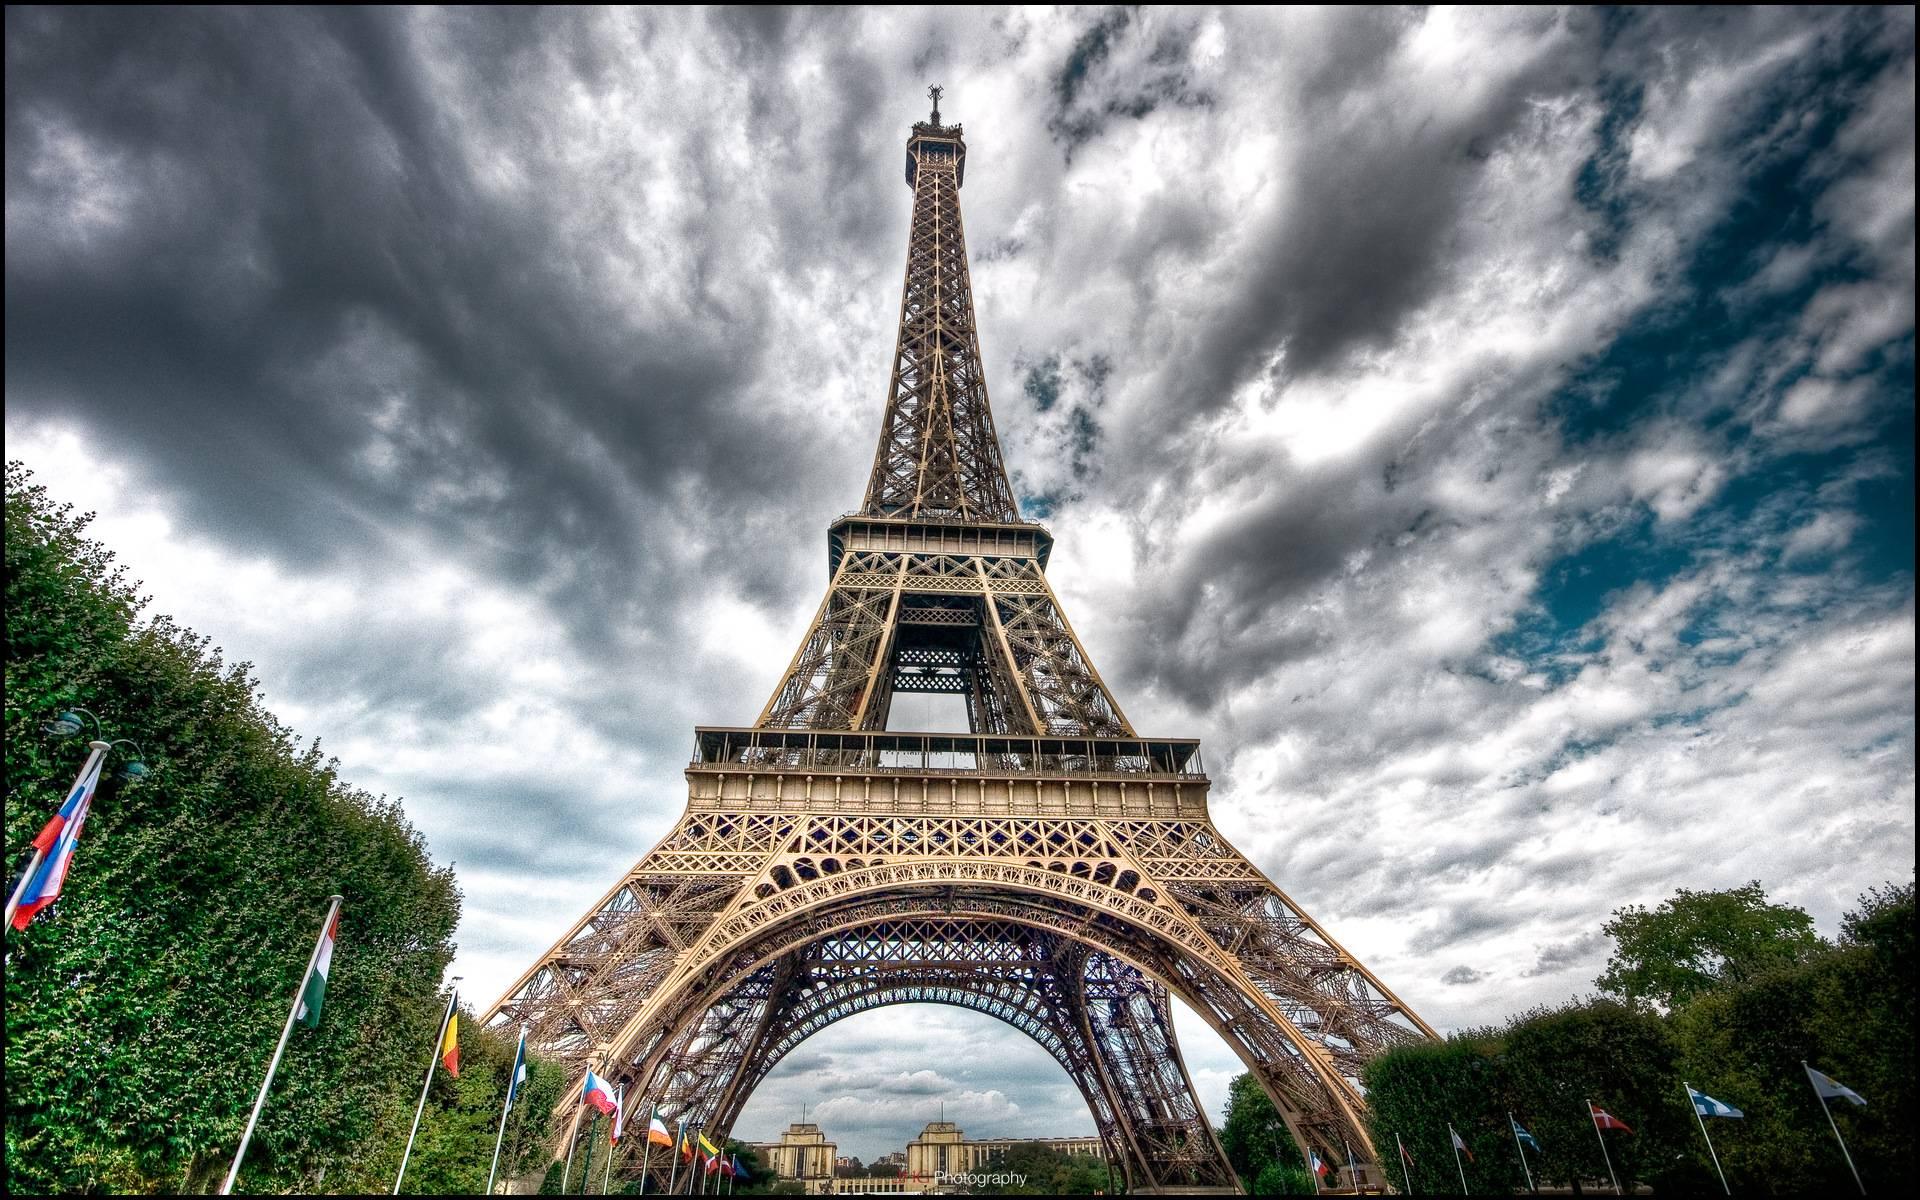 Rummy Eiffel Tower Paris Full Hd Background Wallpapers Eiffel Tower Wallpapers Wallpaper Cave Eiffel Tower Wallpaper Hd Download Eiffel Tower Wallpaper Lap houzz-03 Eiffel Tower Wallpaper